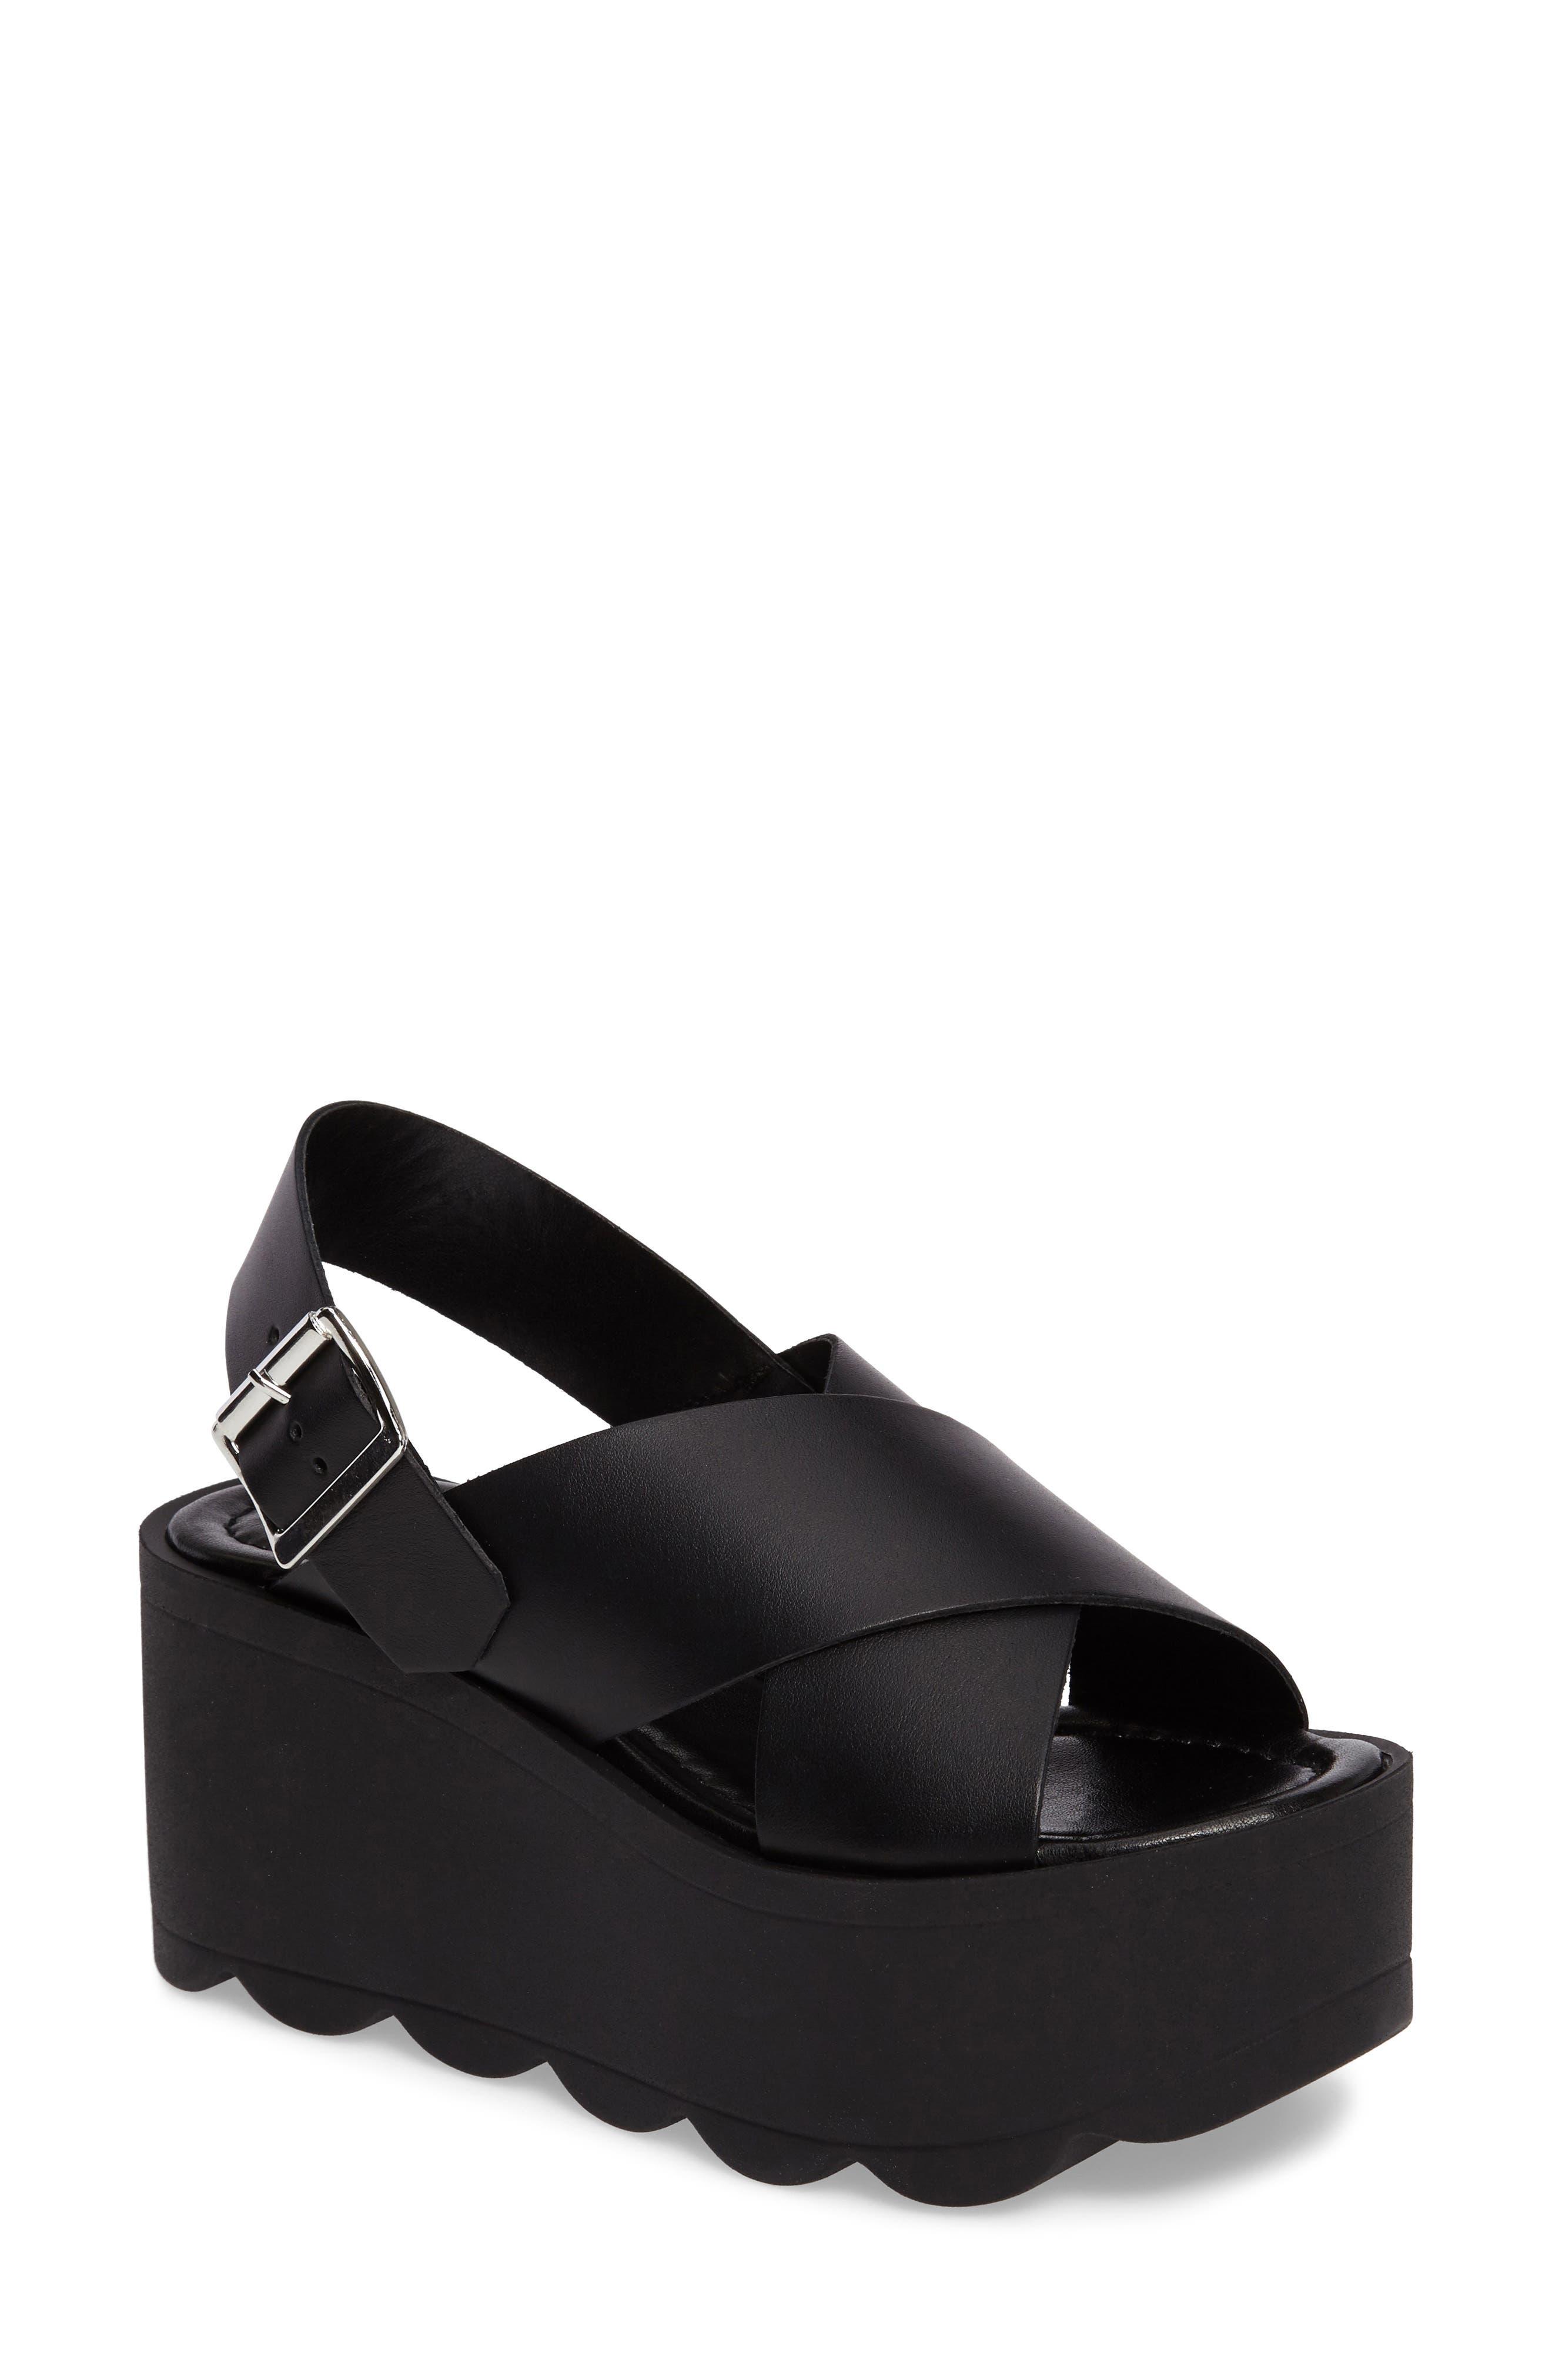 Main Image - Steve Madden Gigi Platform Wedge Sandal (Women)